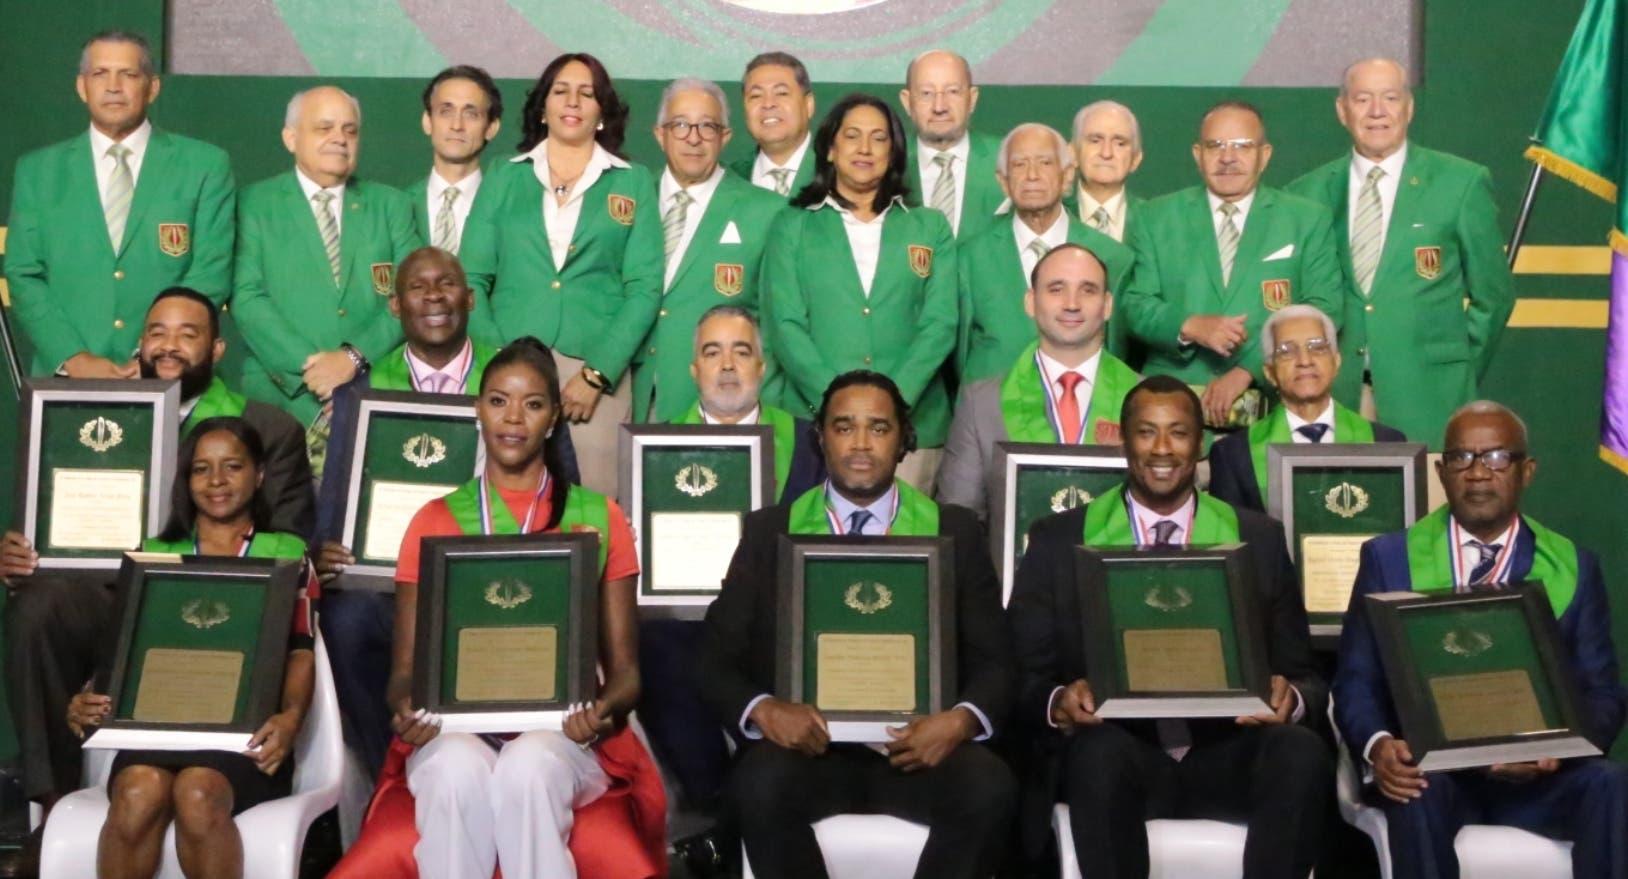 Los  exatletas instalados ayer en el Pabellón de la Fama  junto a los miembros del Comité Permamente.